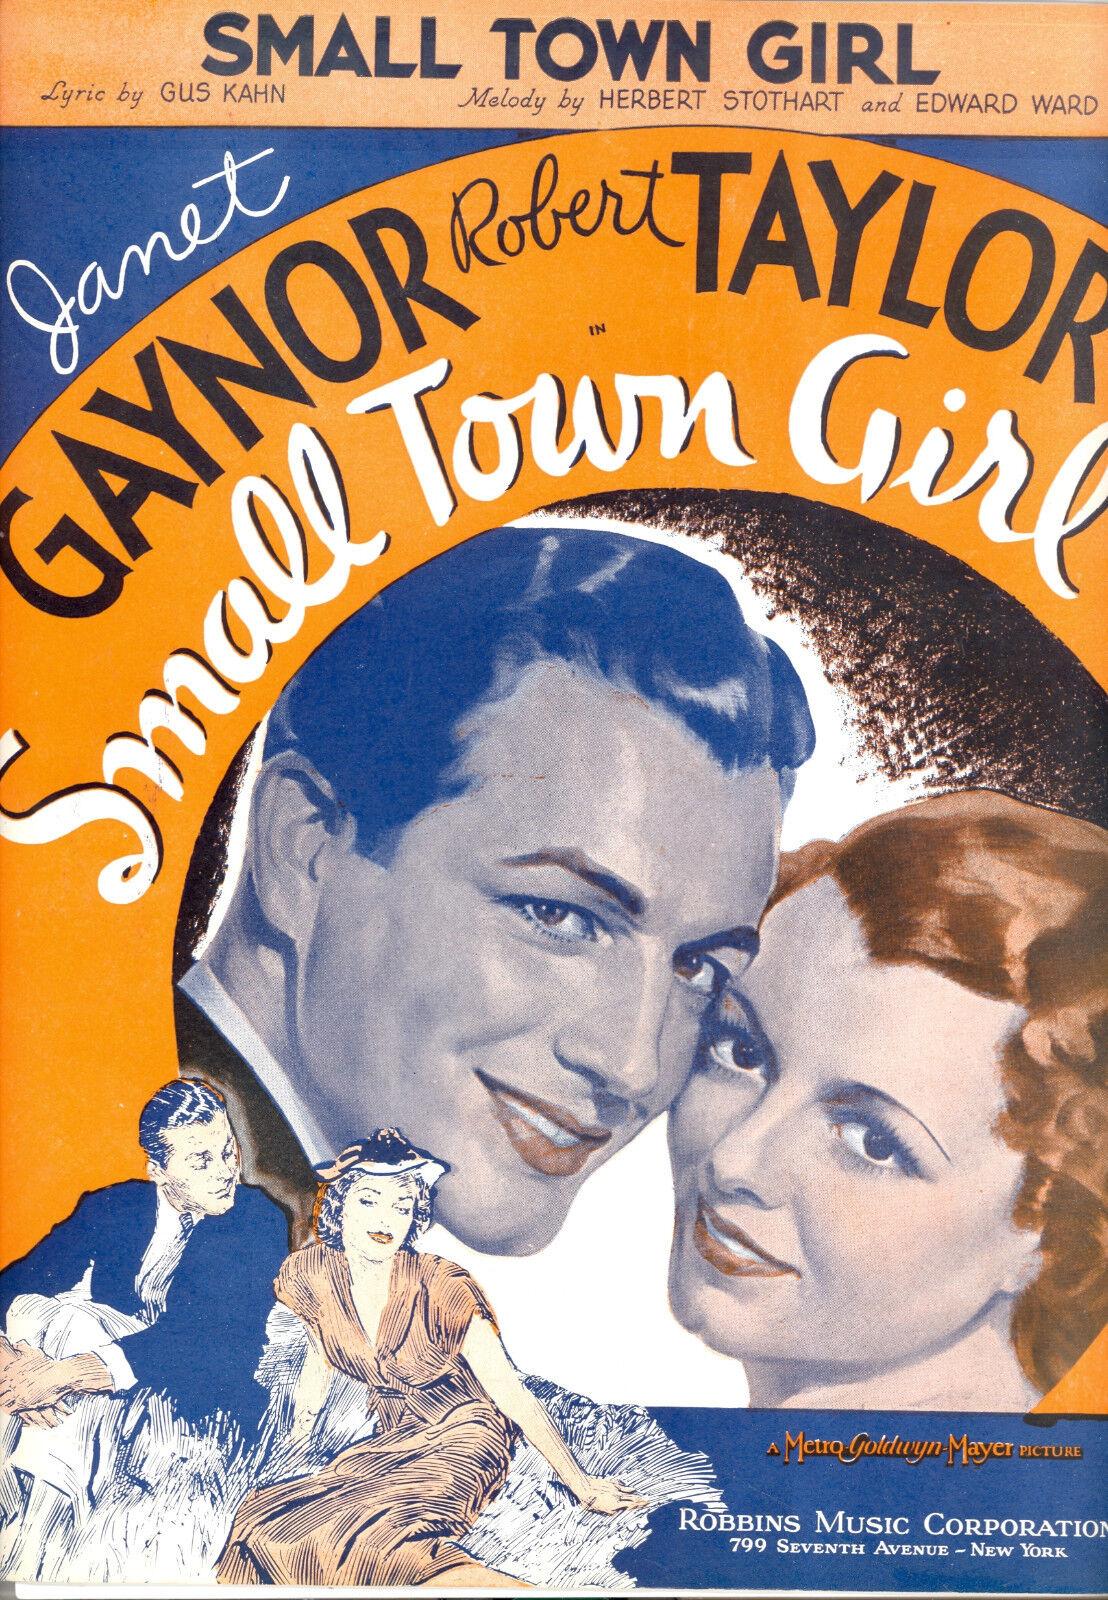 Small Town Girl Carpeta Lámina Lámina Lámina  Small Town Girl  Robert Taylor Janet c02b96